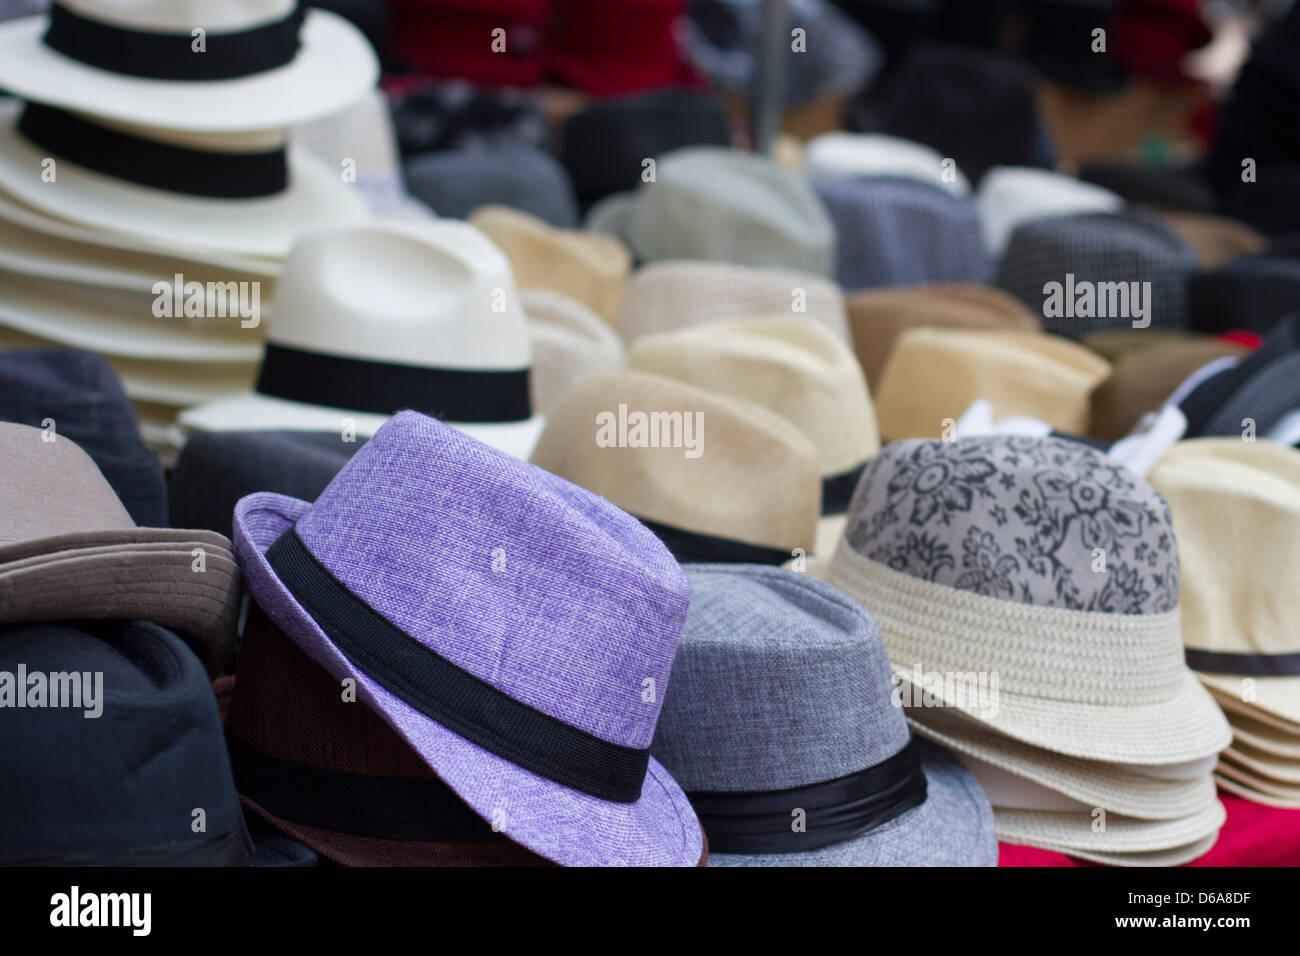 Hüte für Verkauf auf dem Markt Stockbild